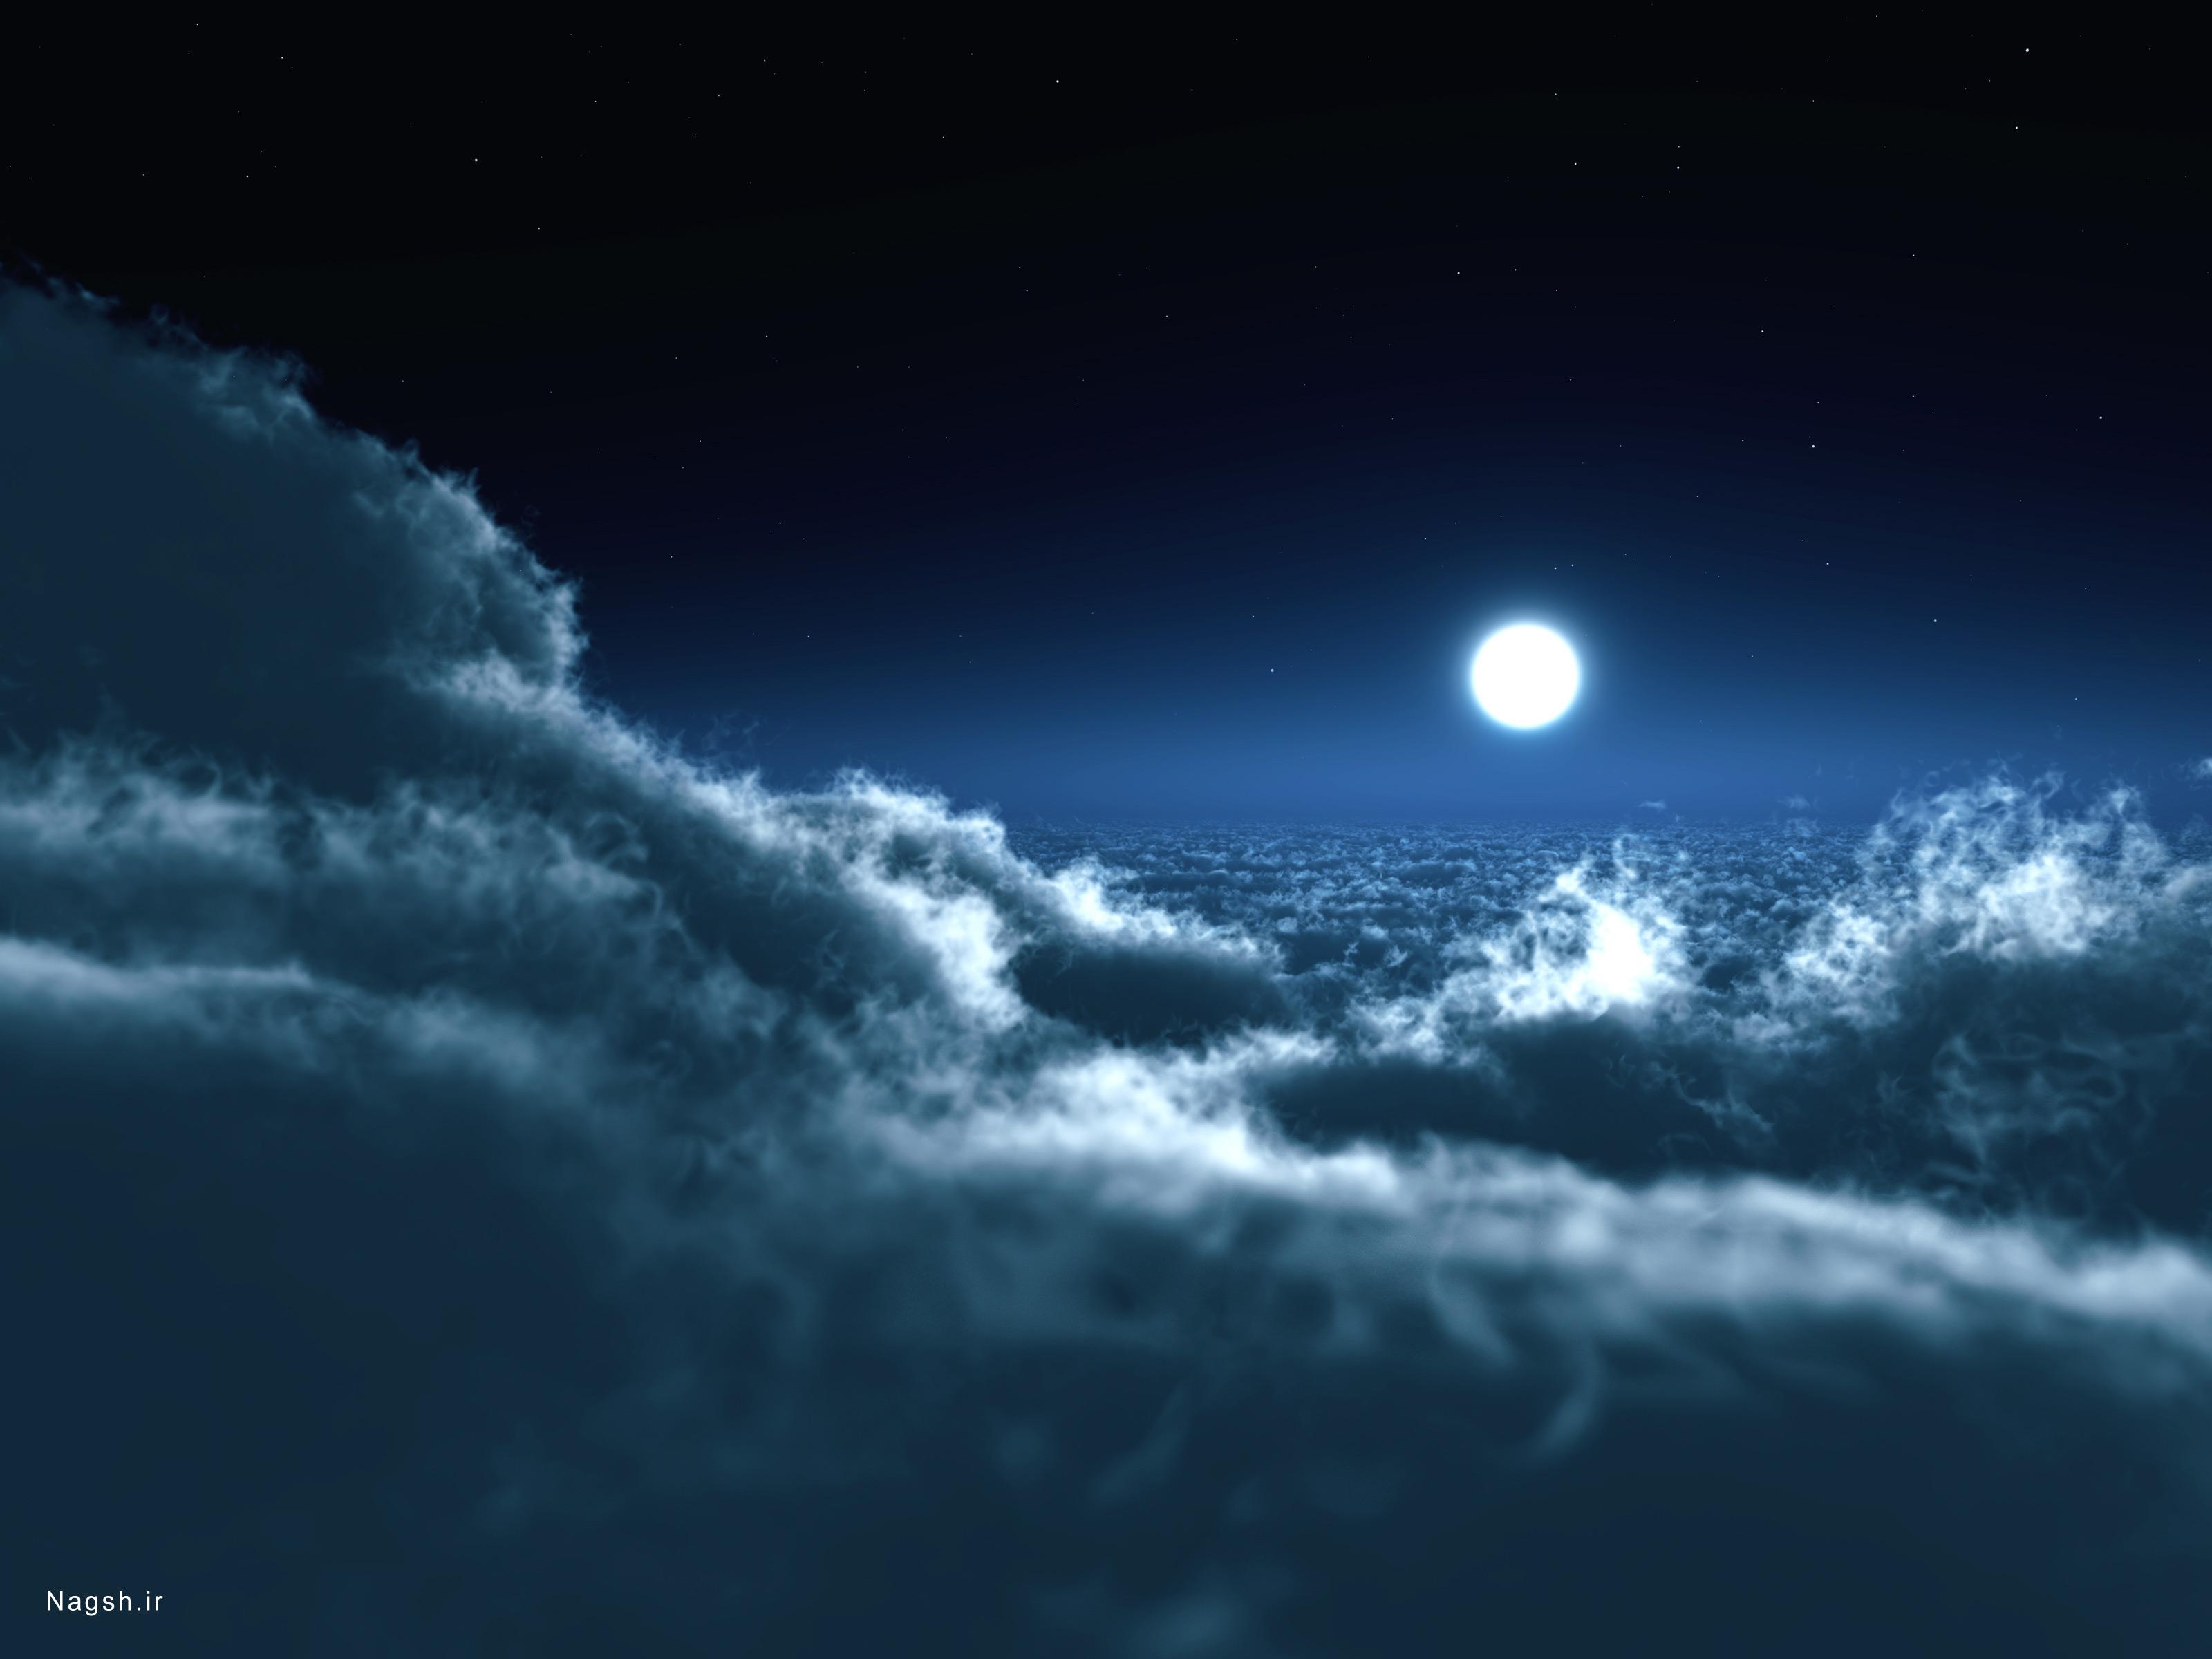 آسمان مهتابی و ابرهای تاریک